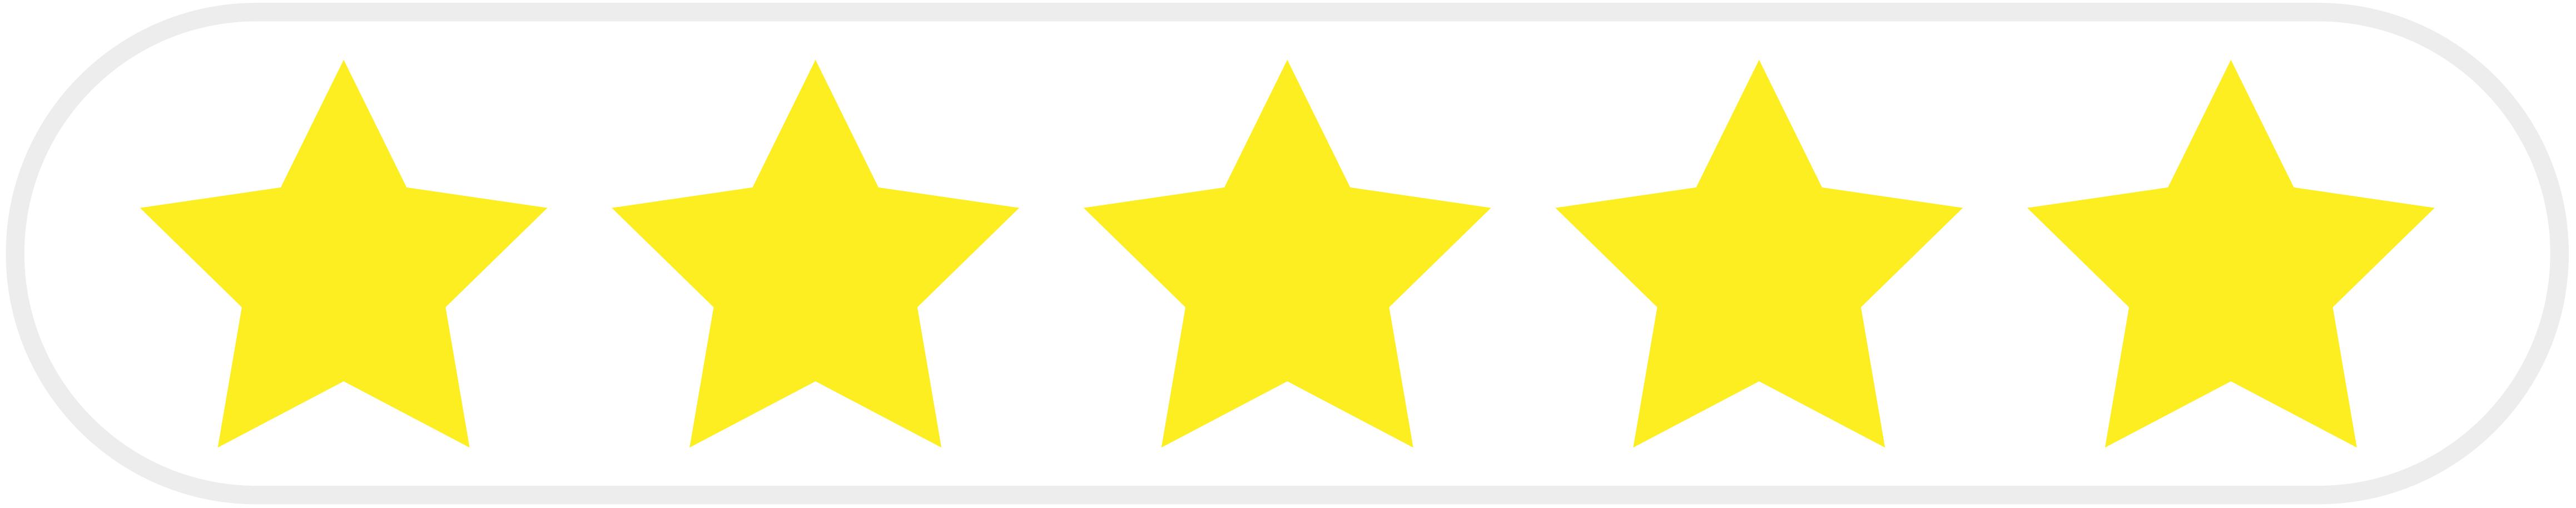 оценка пять звезд